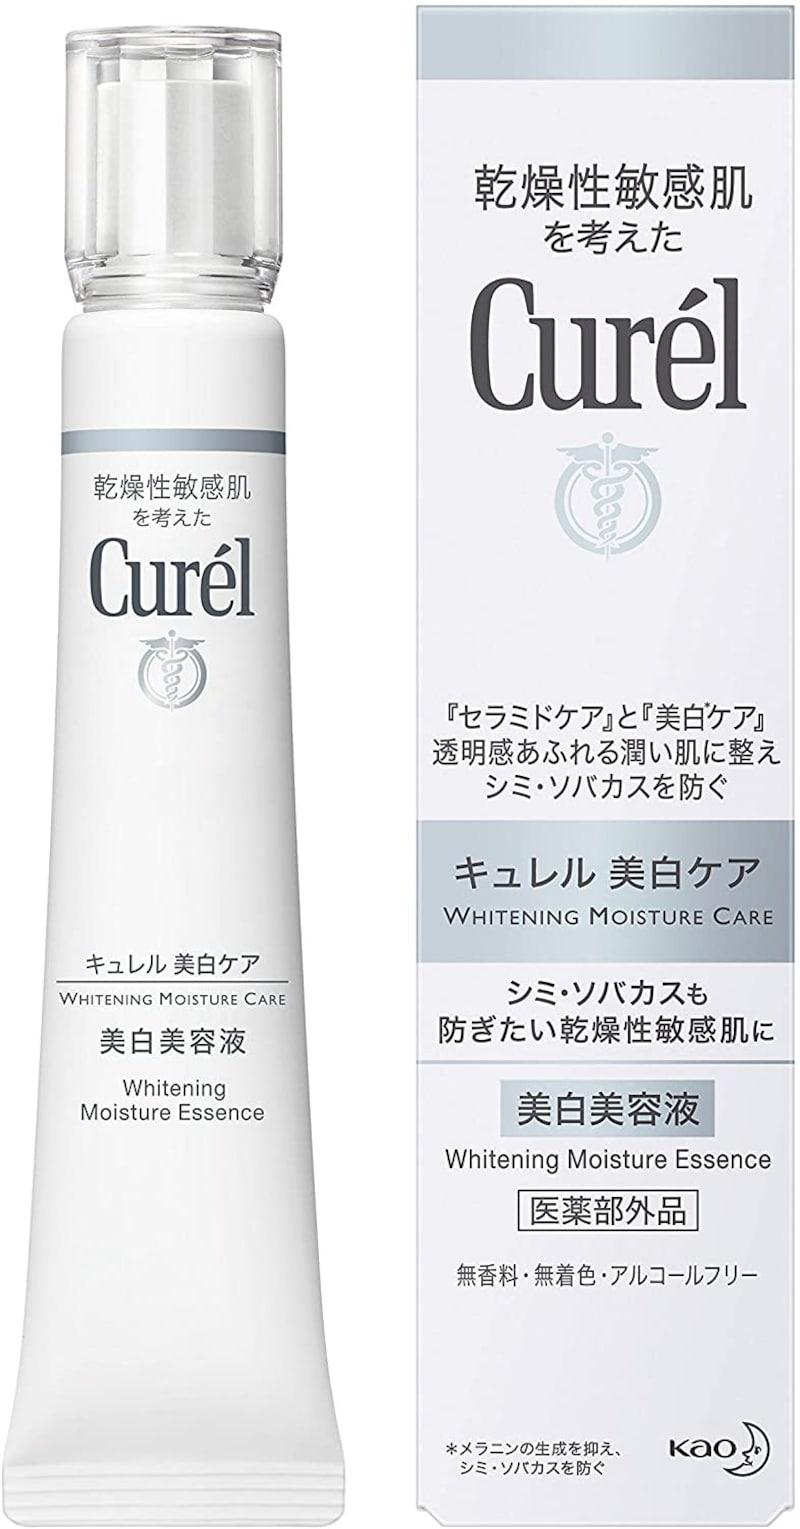 Kao(花王),Curel(キュレル) 美白美容液